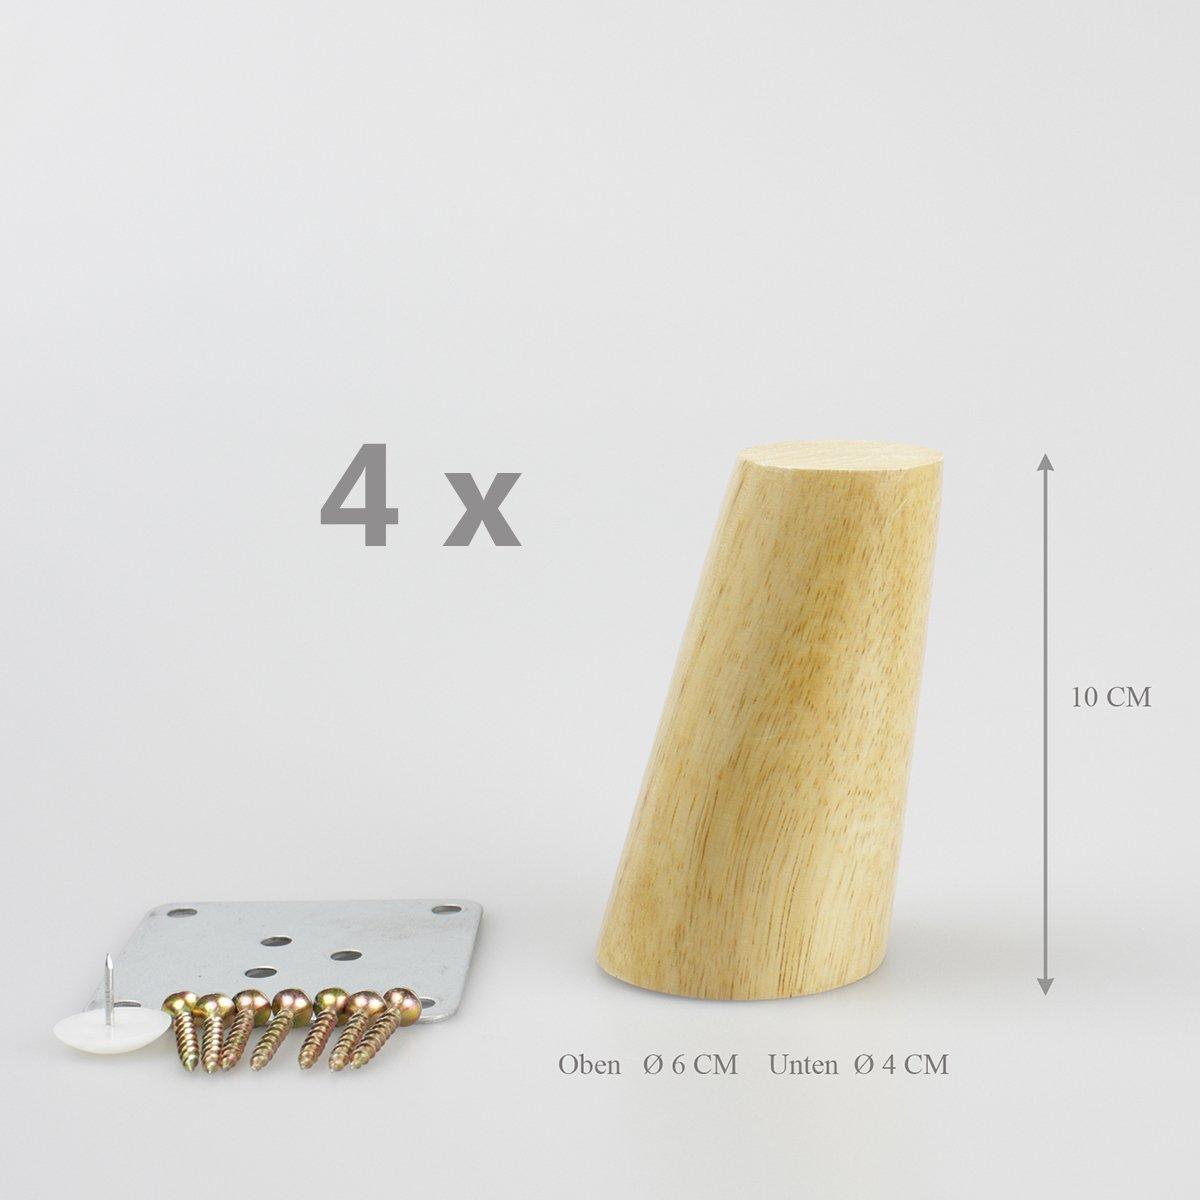 Zubeh/ör Sofafu/ß Tischfu/ß M/öbelfu/ß Schrankfu/ß Holzbeine gerade schr/äg Kautschukholz C: gerade 4x M/öbelf/ü/ße